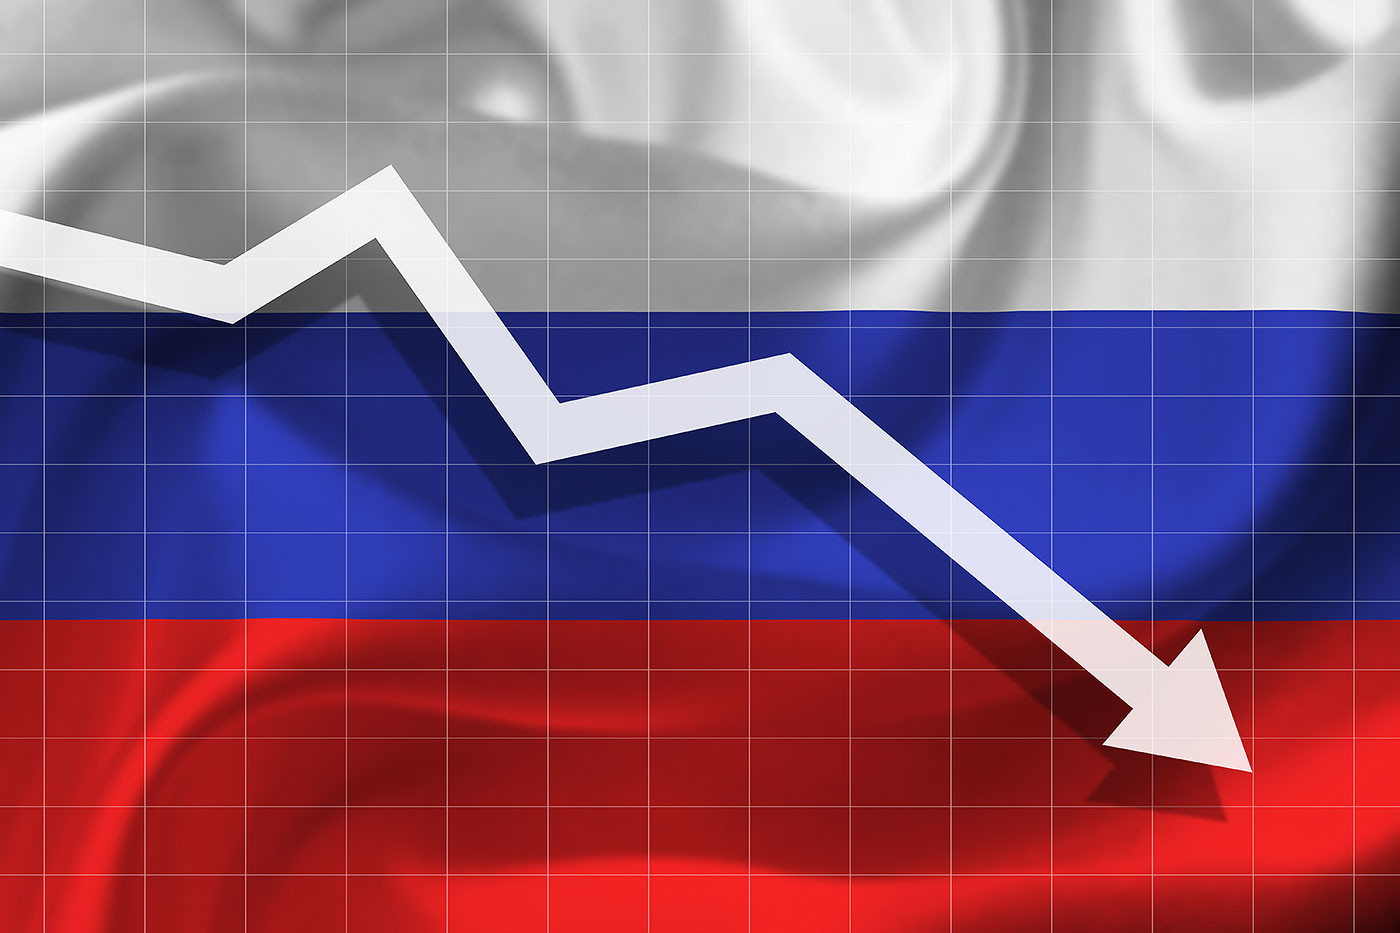 Сколько экономика России теряет из-за самоизоляции